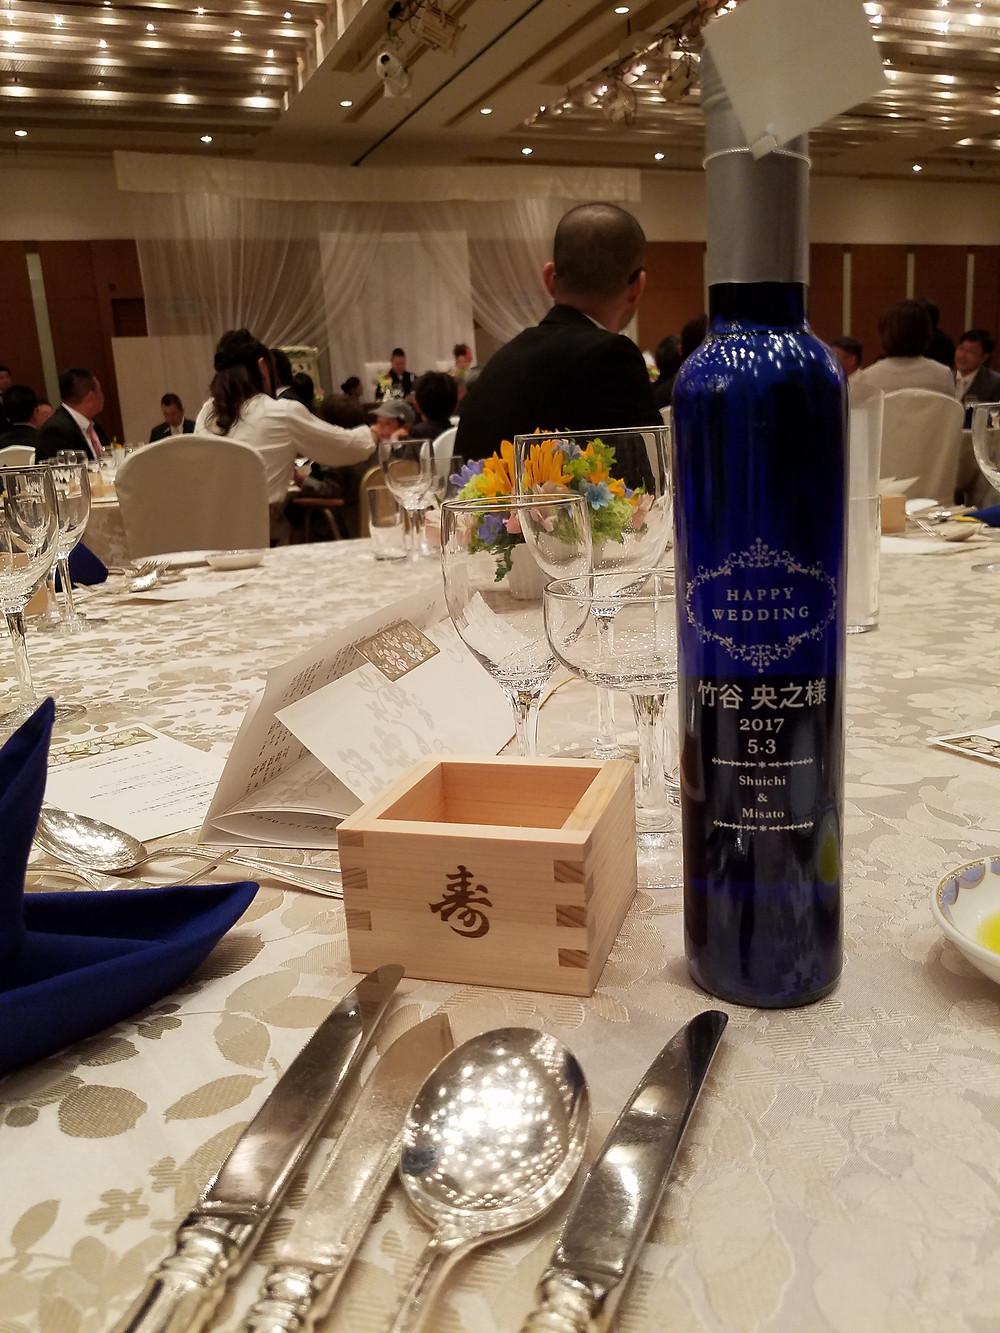 結婚式にてサプライズプレゼント。ワインなんておしゃれなプレゼントですね☆